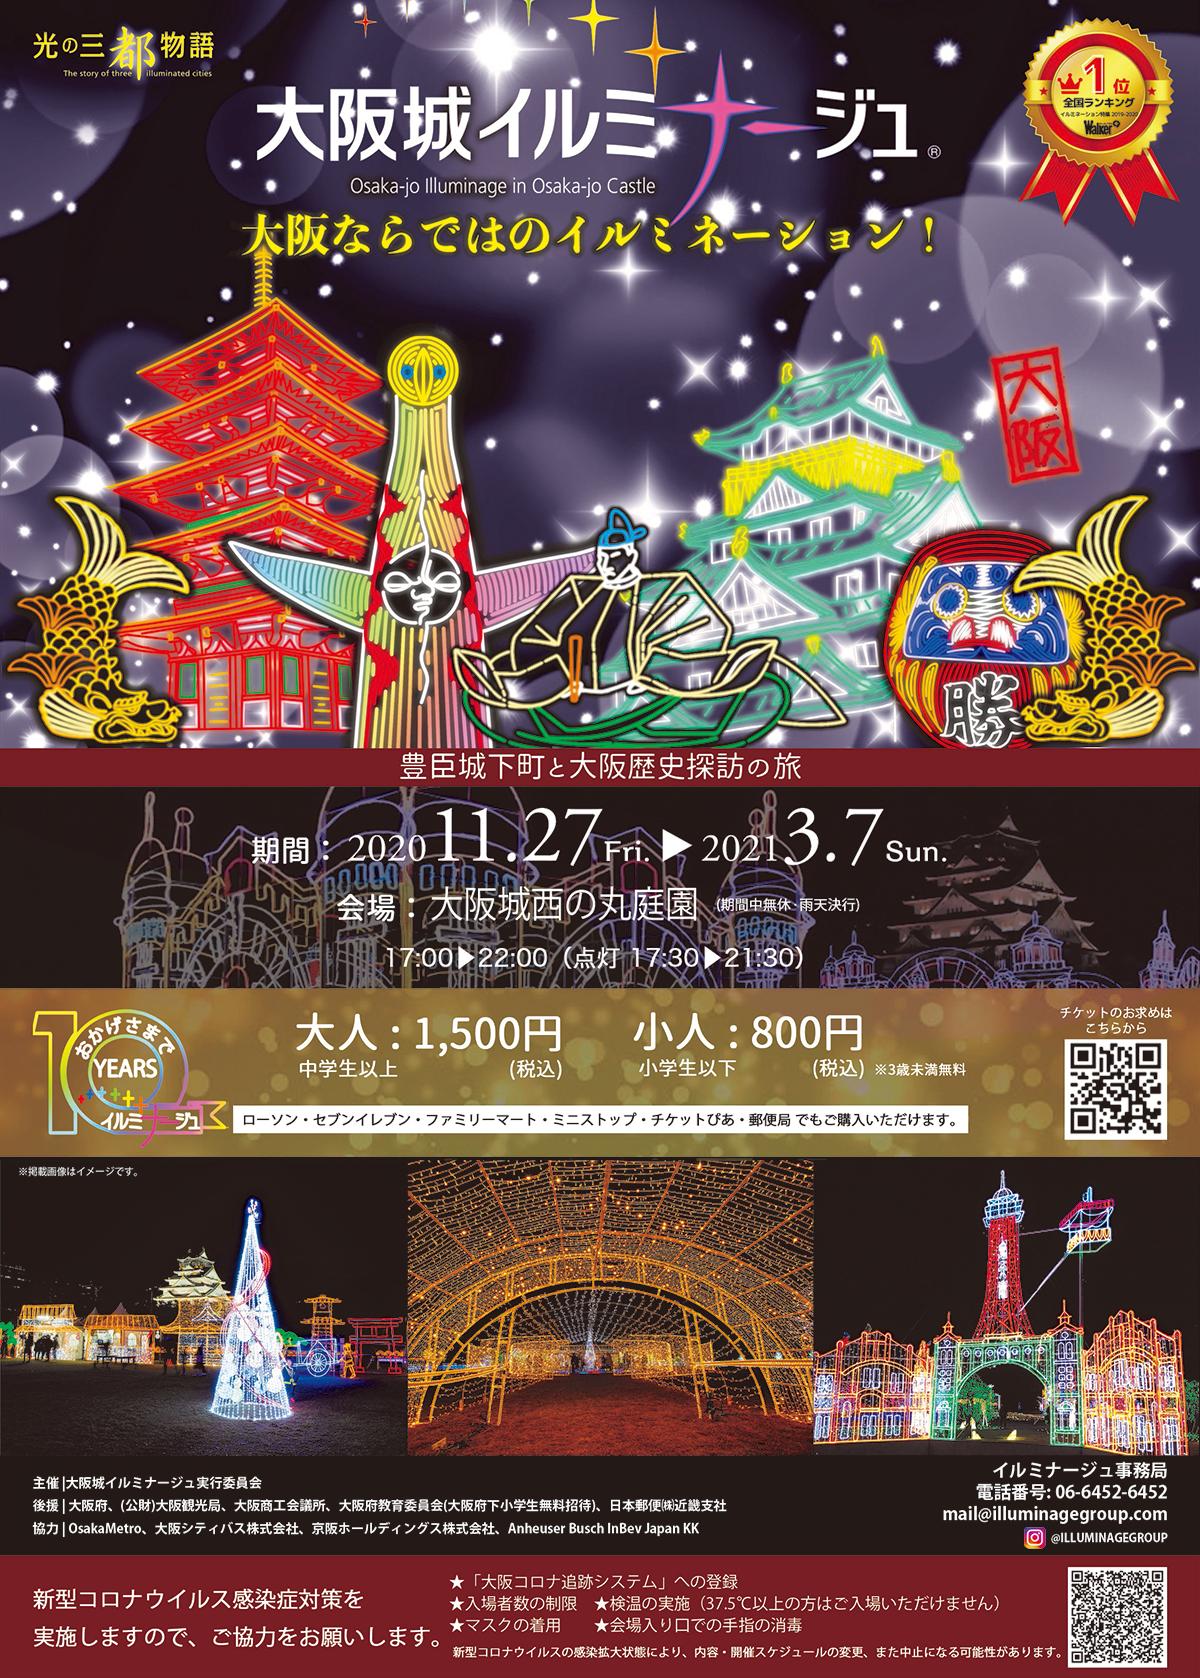 2020 大阪 イルミネーション